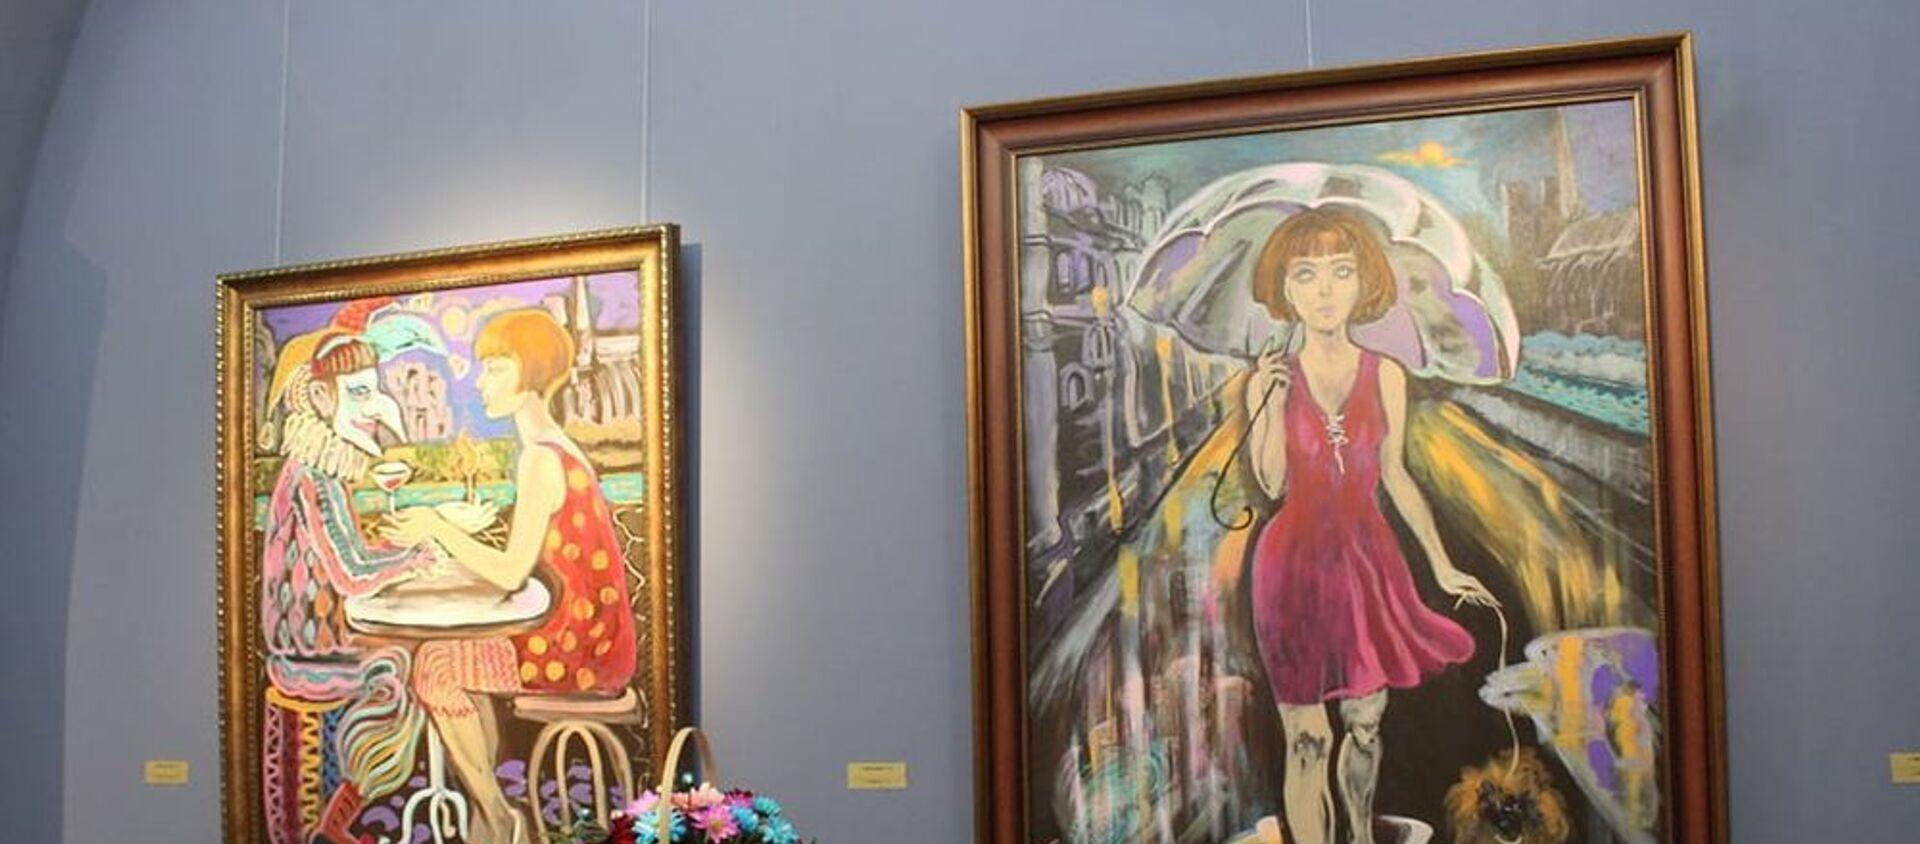 Выставка азербайджанской художницы Нигяр Нариманбековой - Sputnik Азербайджан, 1920, 12.03.2021